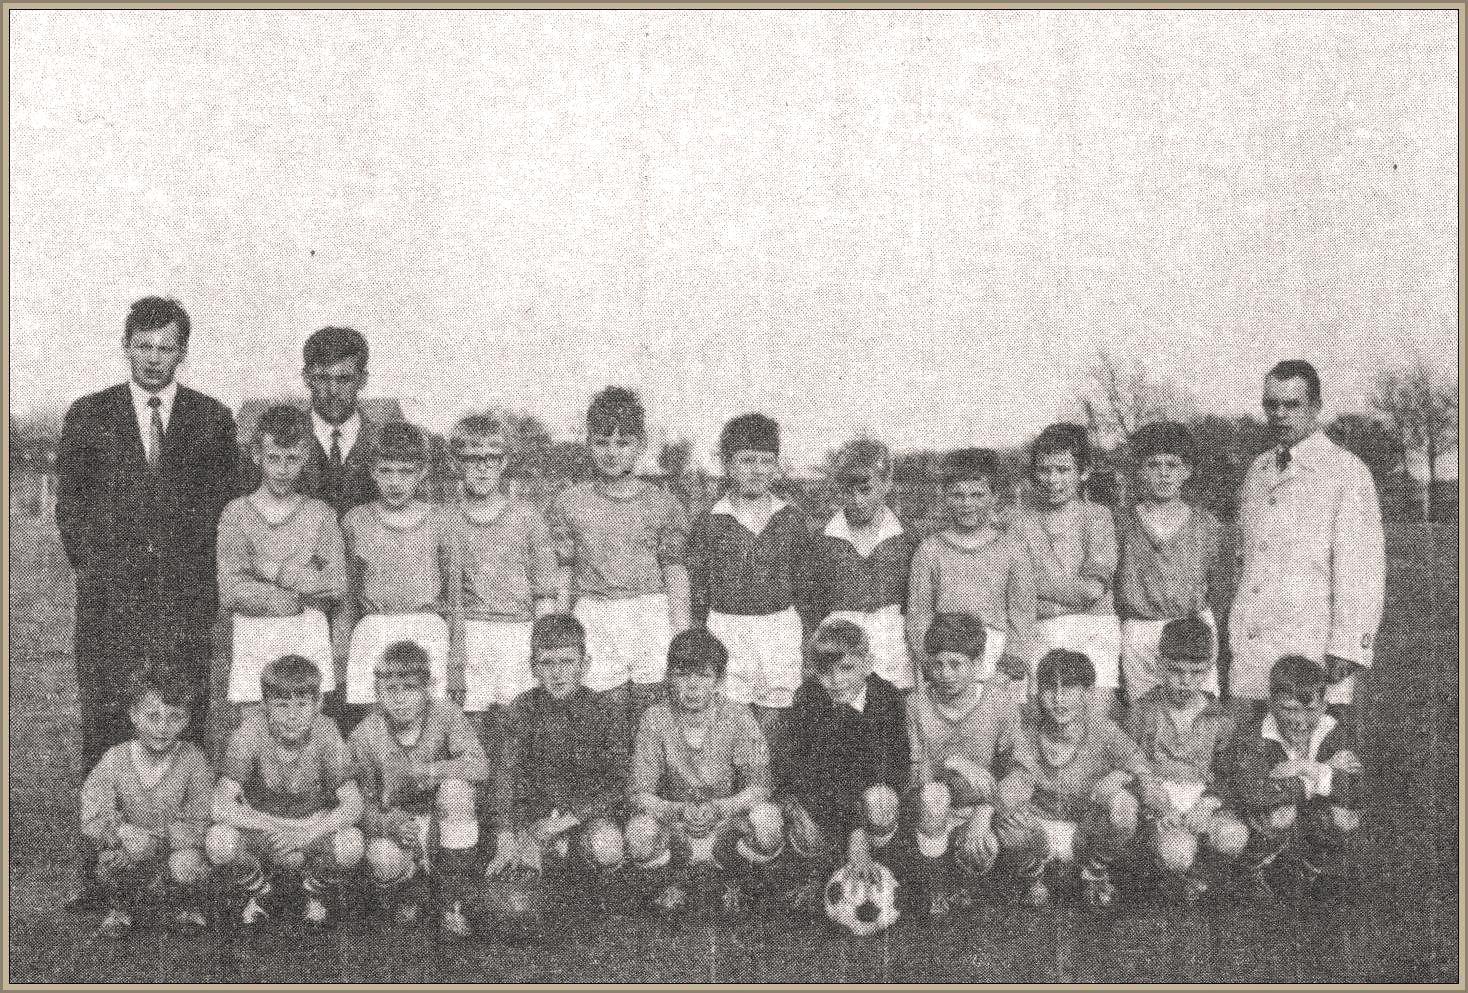 40 Jarig jubileum van H.R.C. in 1967